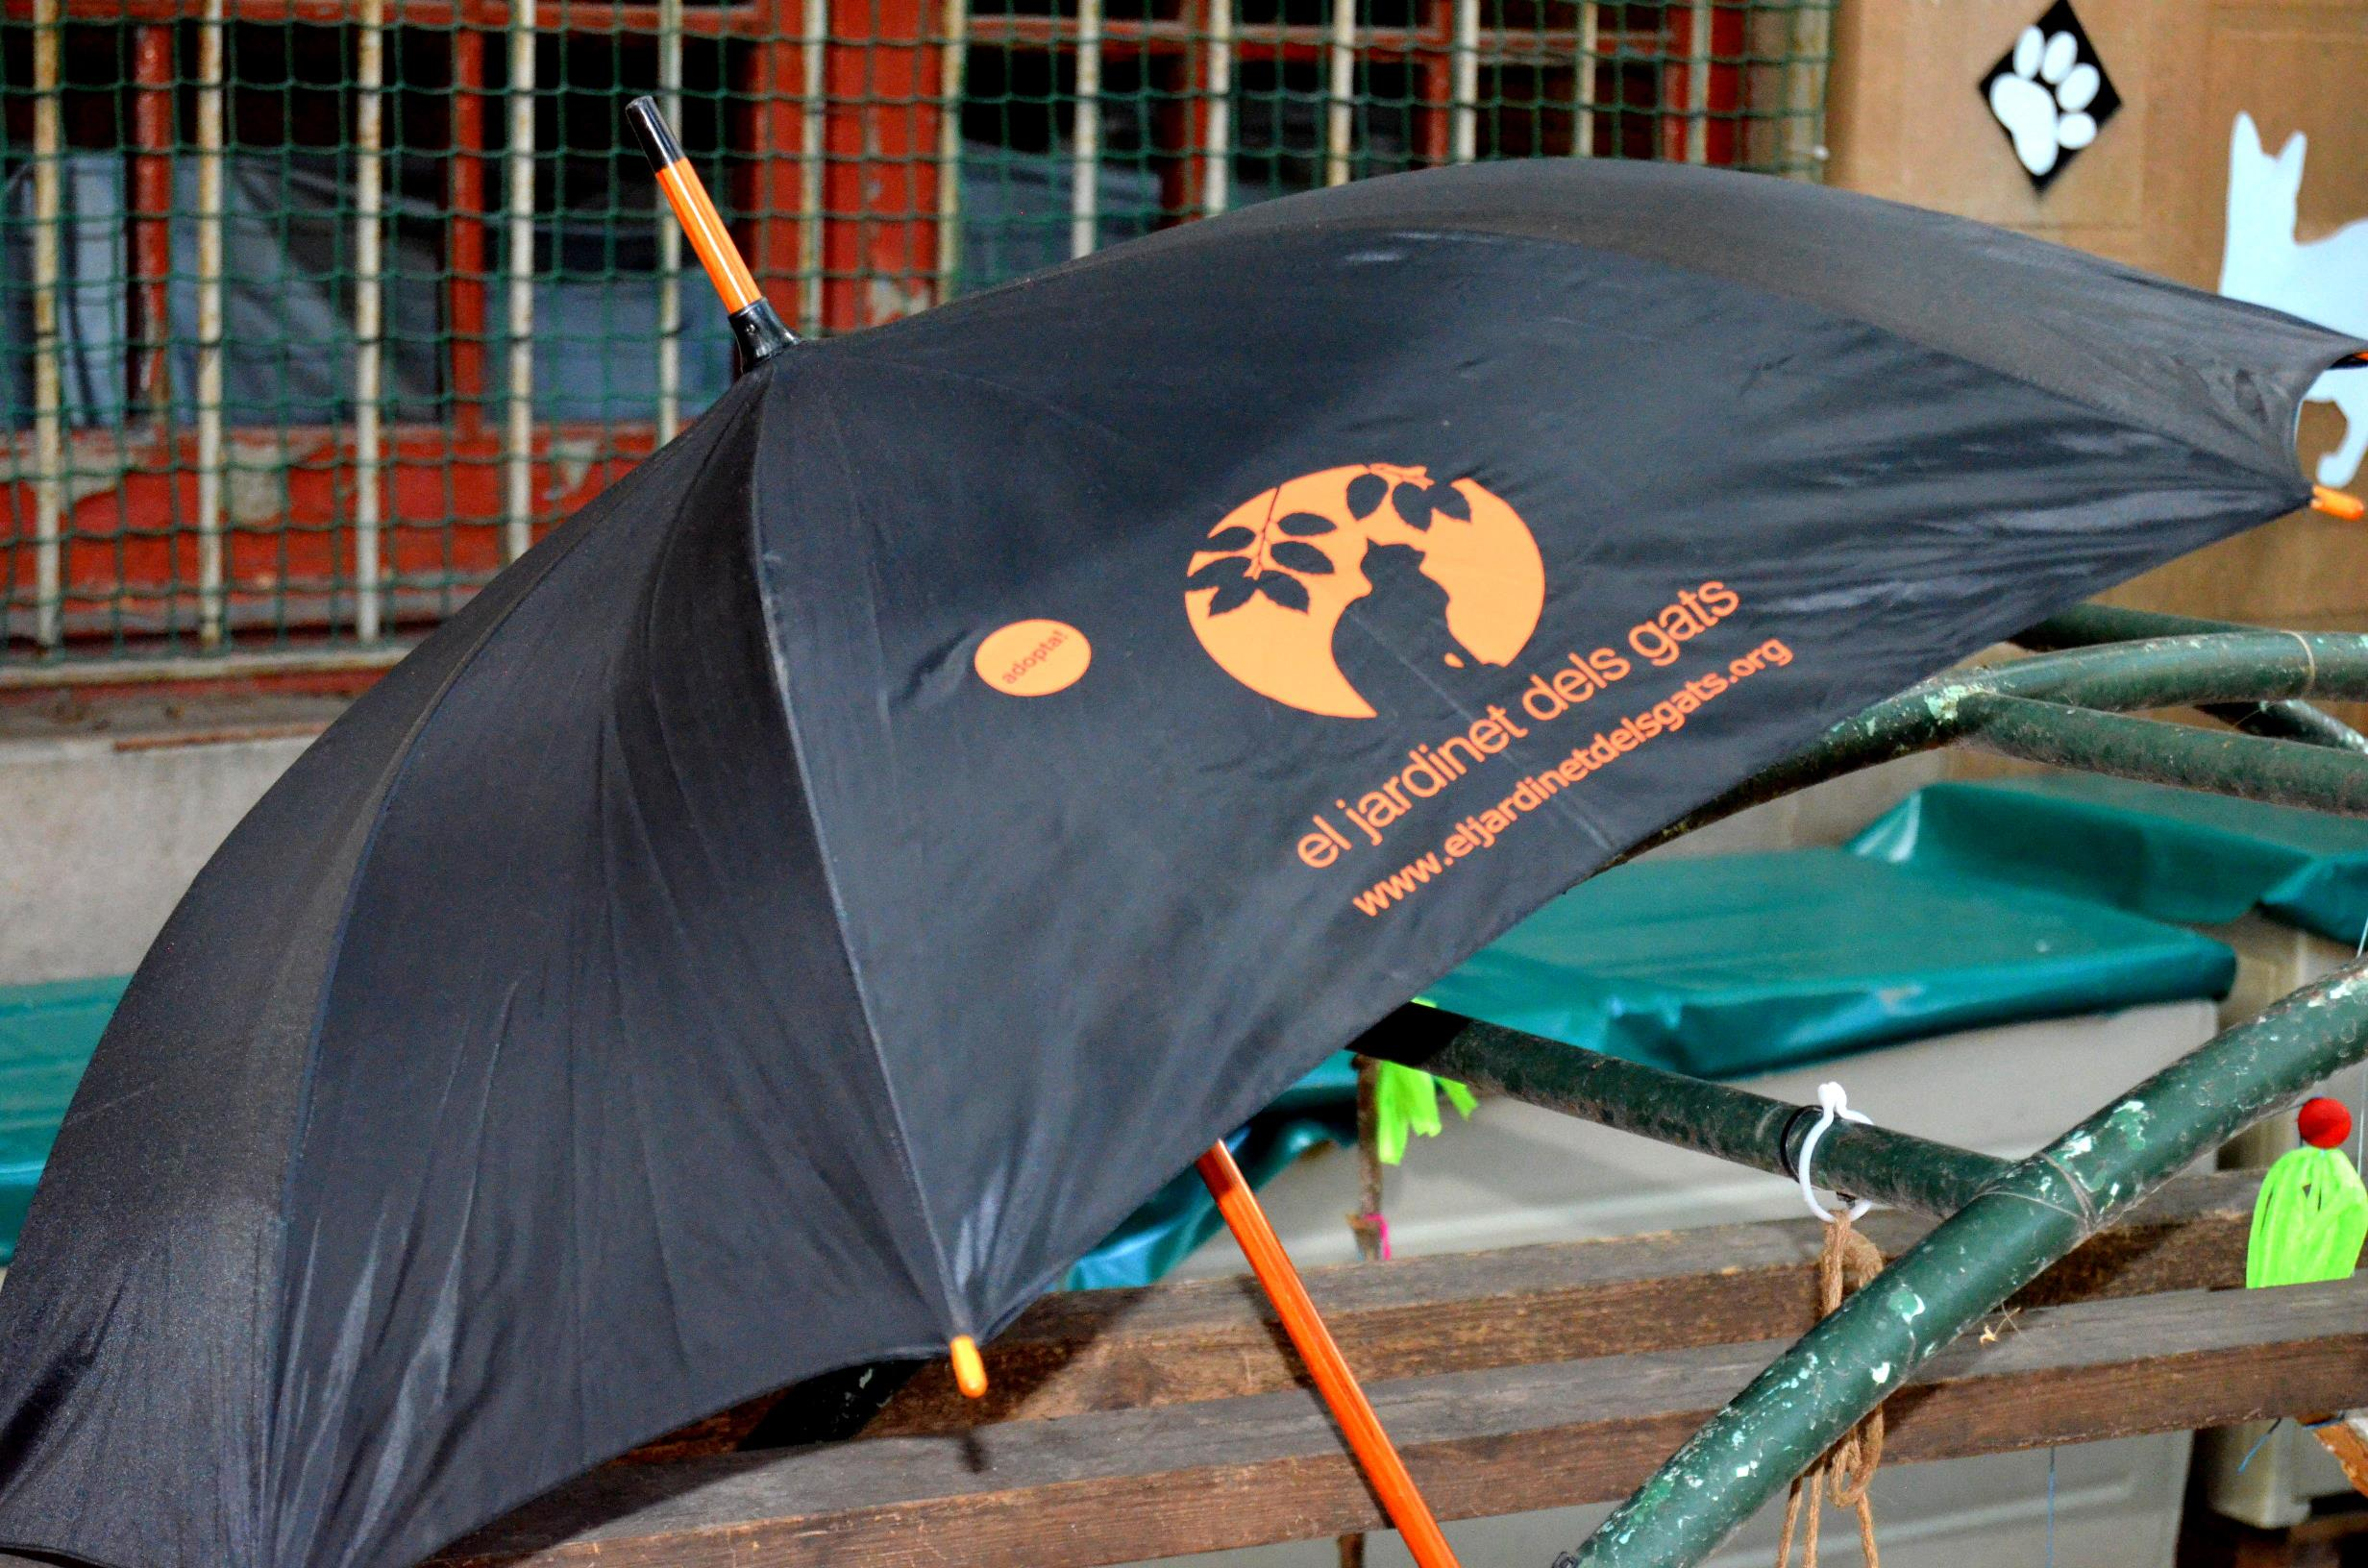 Paraigües, logo Jardinet dels gats Image